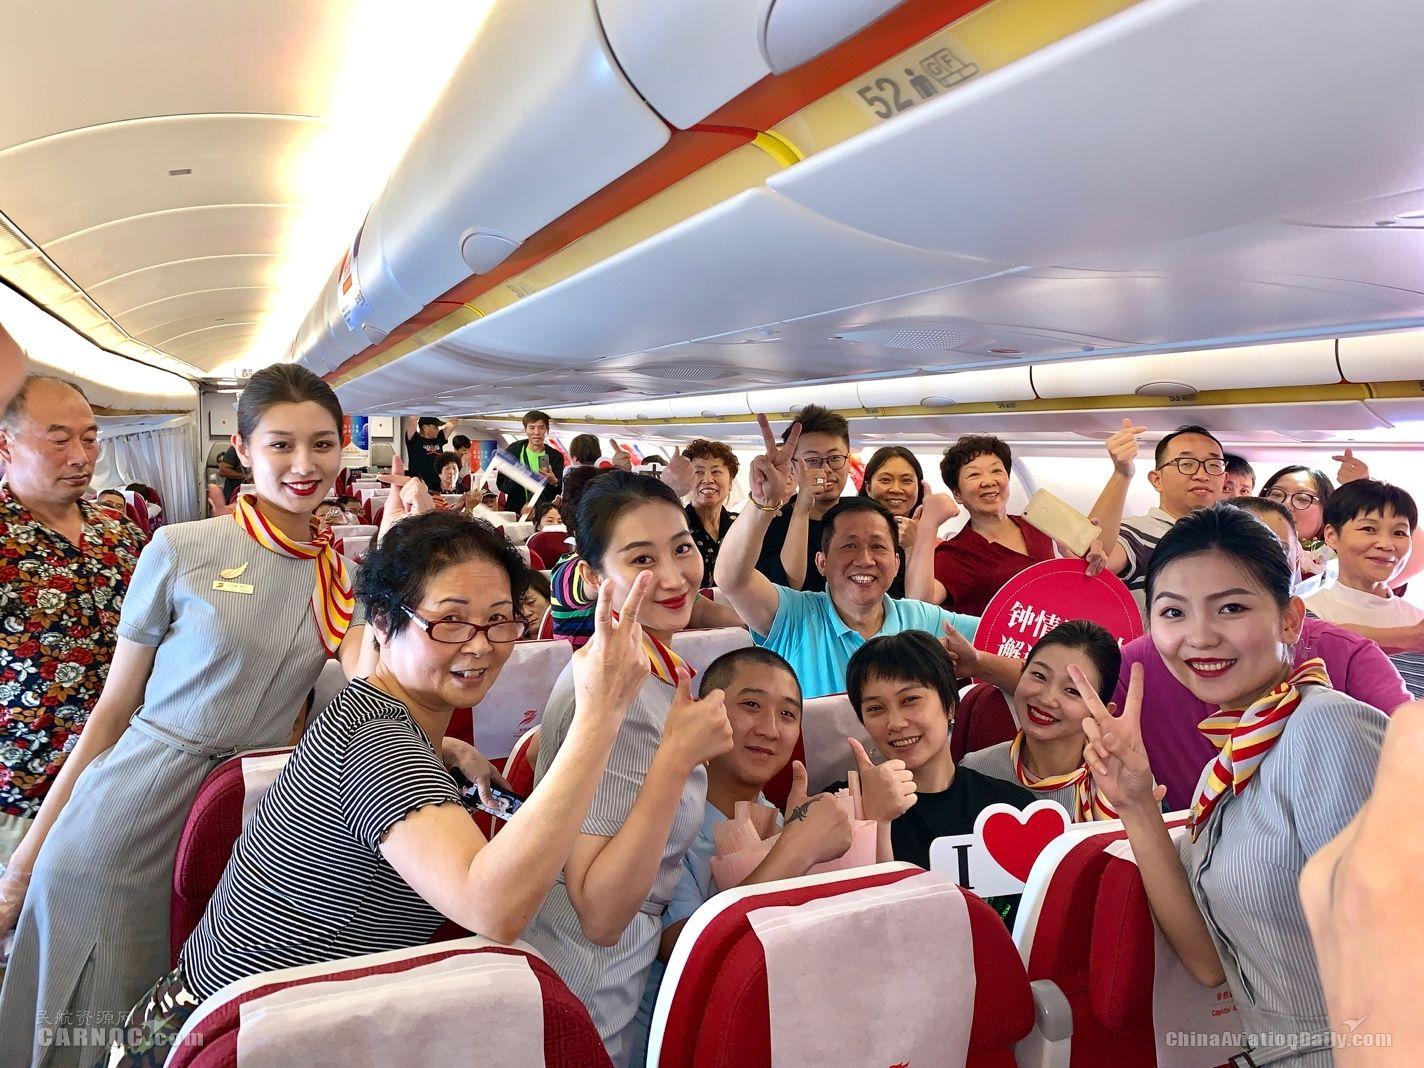 首都航空北京=西安=里斯本盛大开航 特色机上活动获旅客点赞